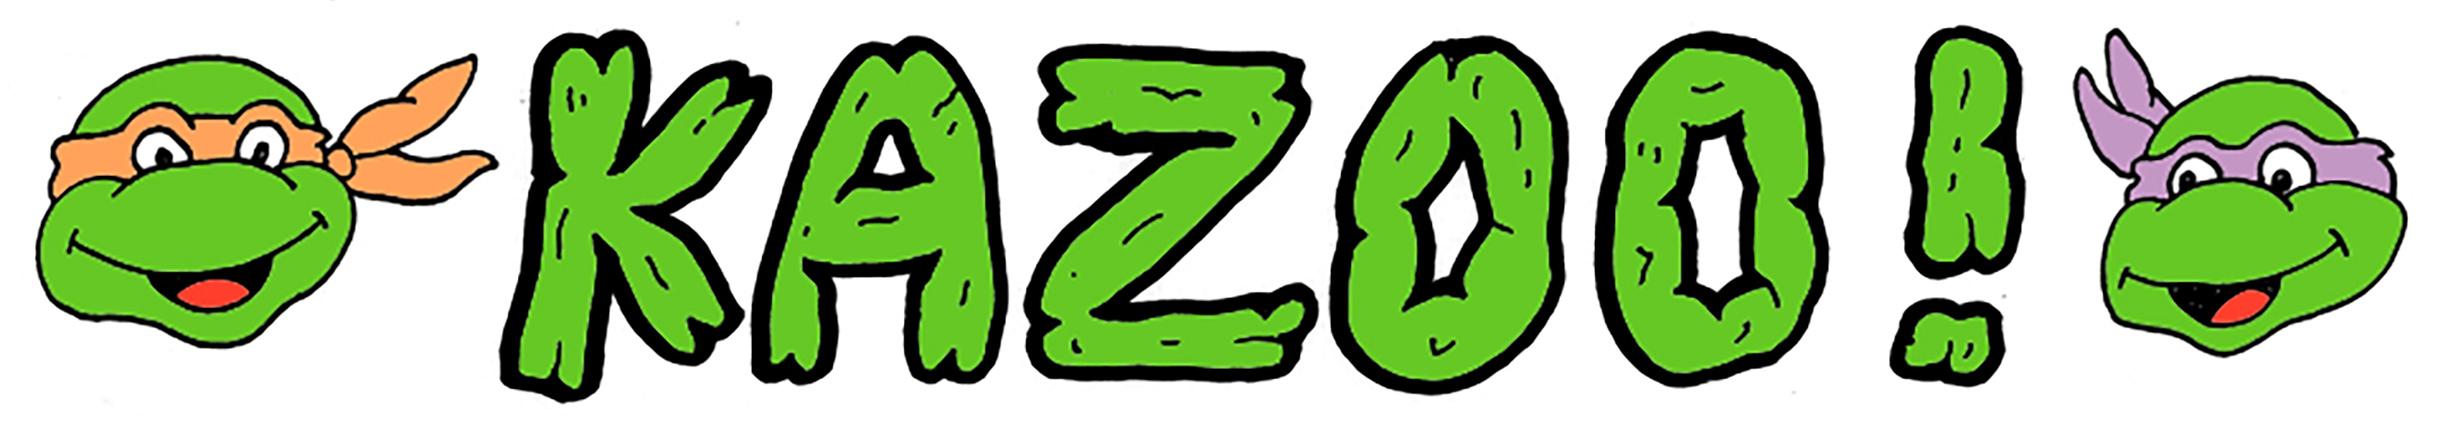 Kazoo!